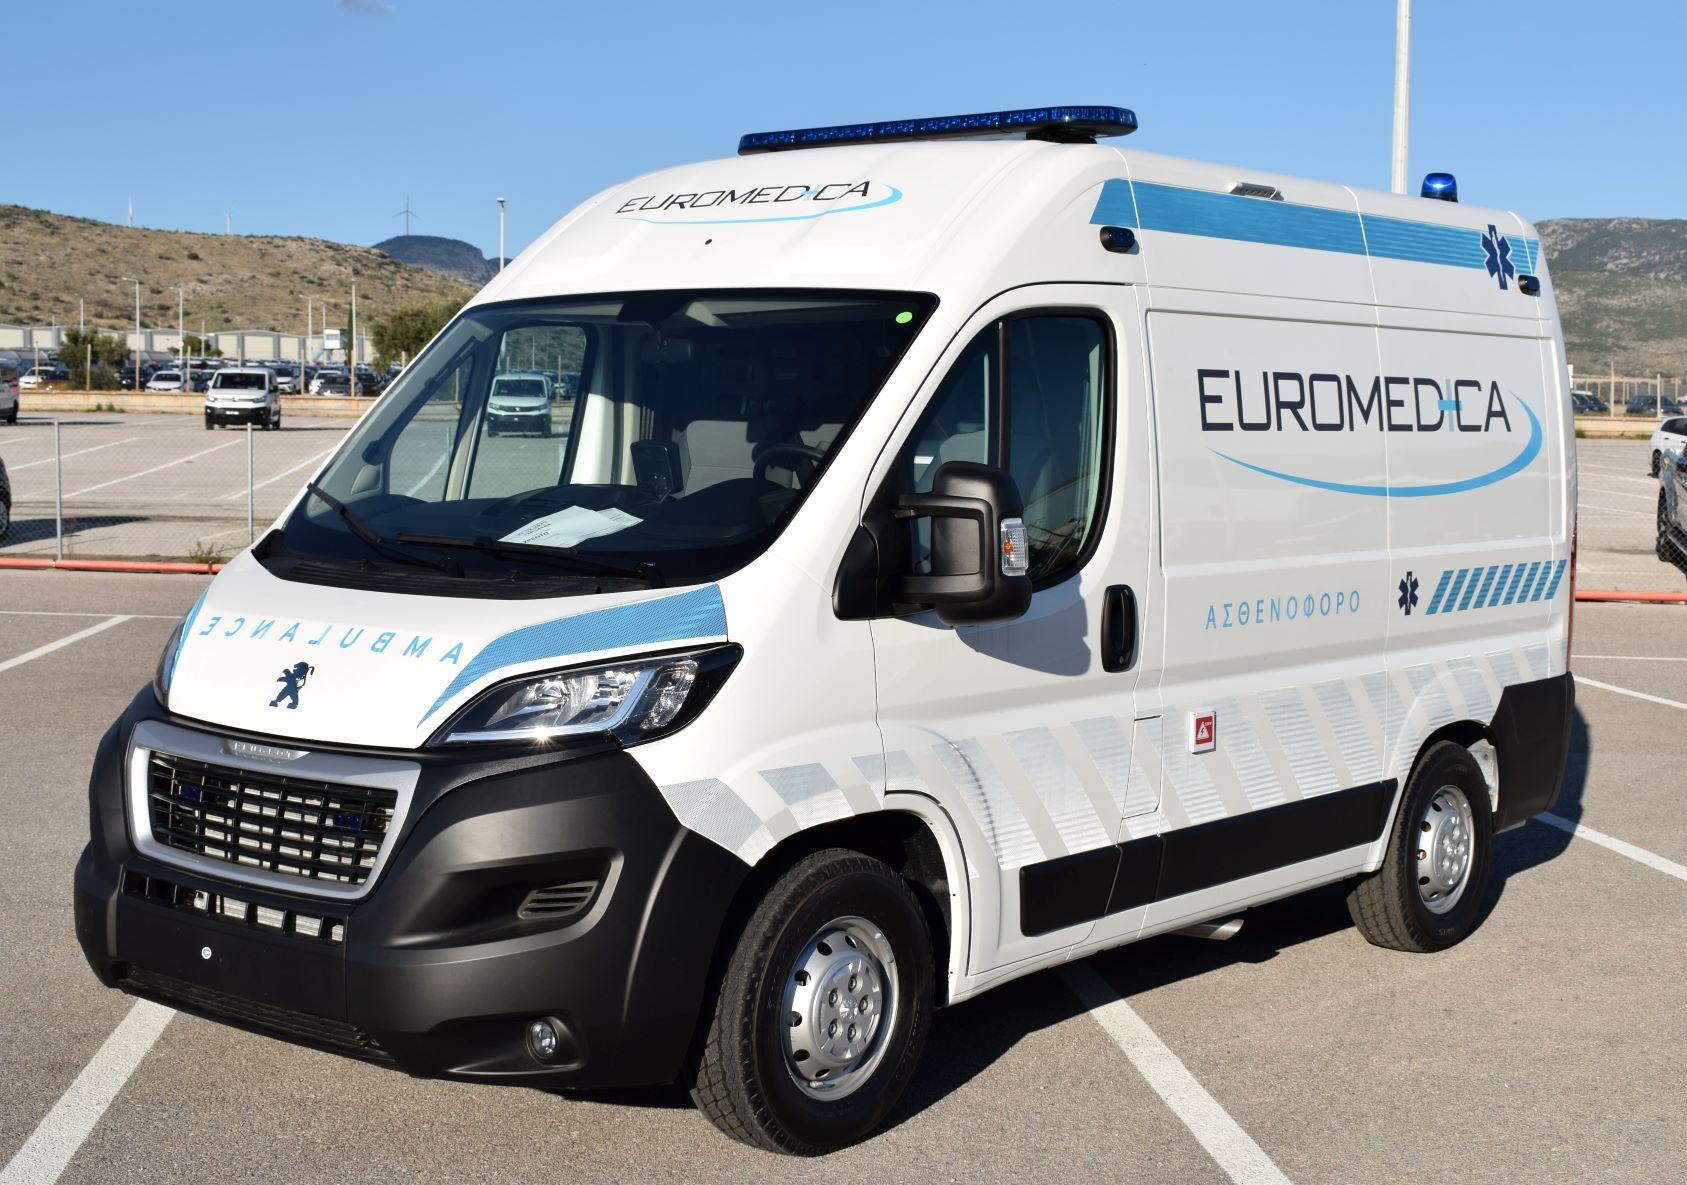 Έξι BOXER-ασθενοφόρα από την PEUGEOT στην EUROMEDICA